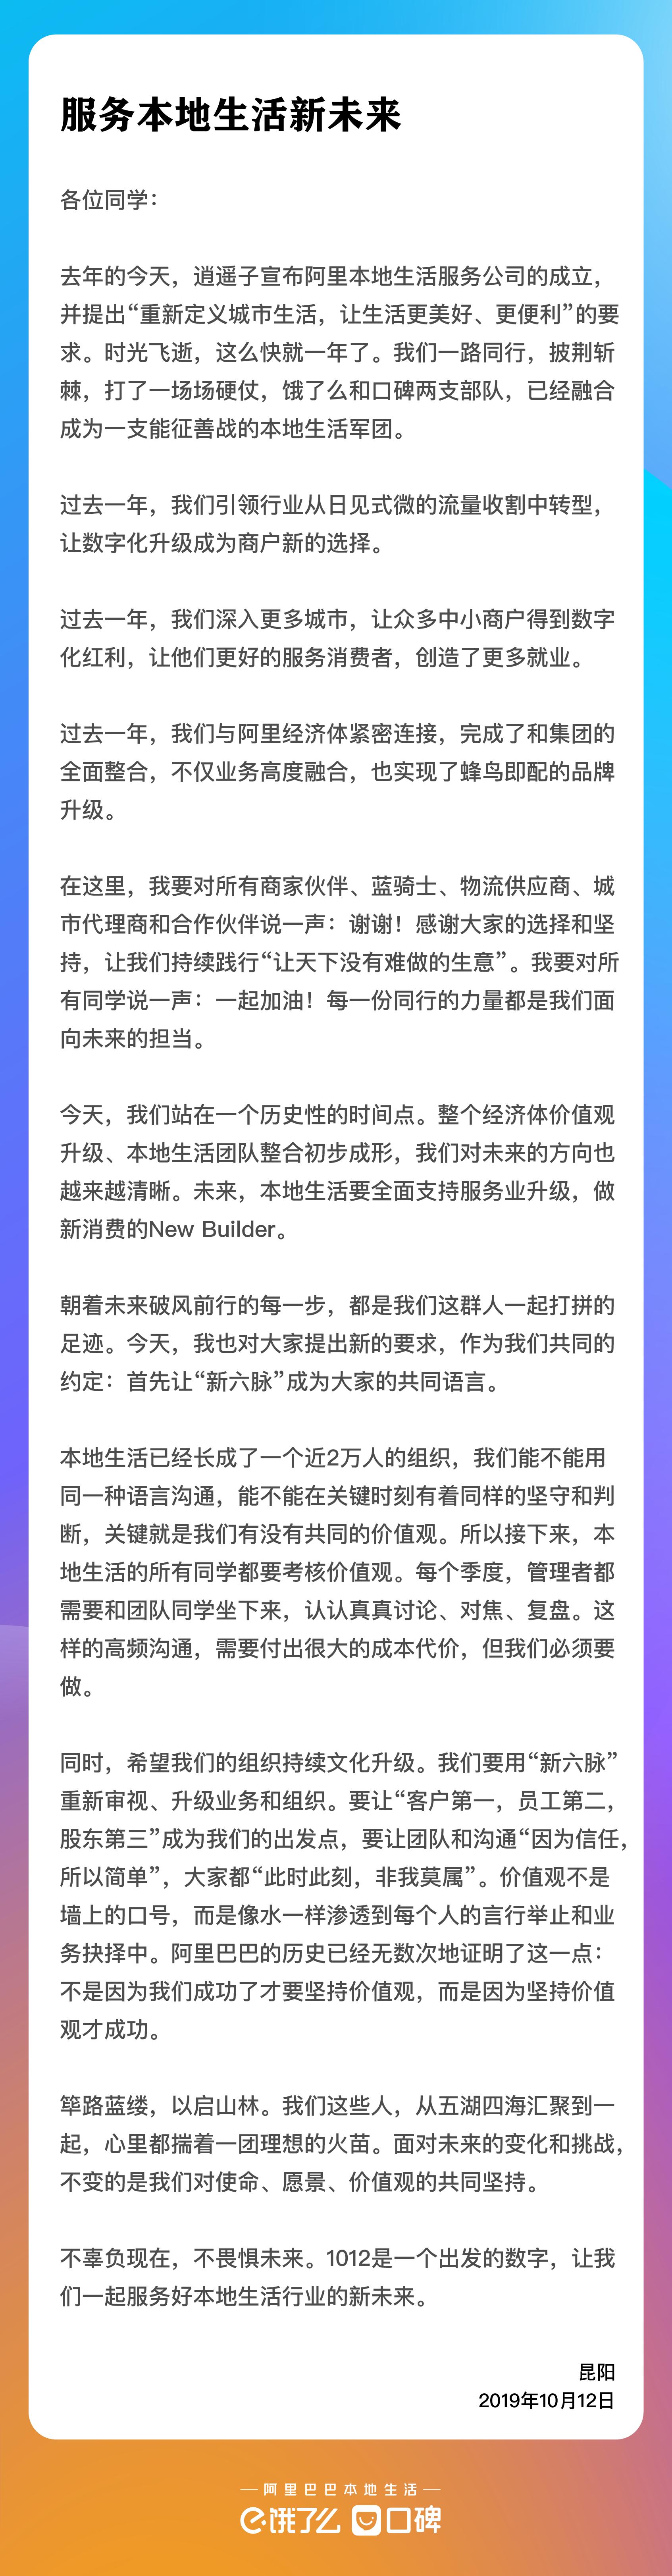 阿里本地生活服务公司总裁王磊致员工信